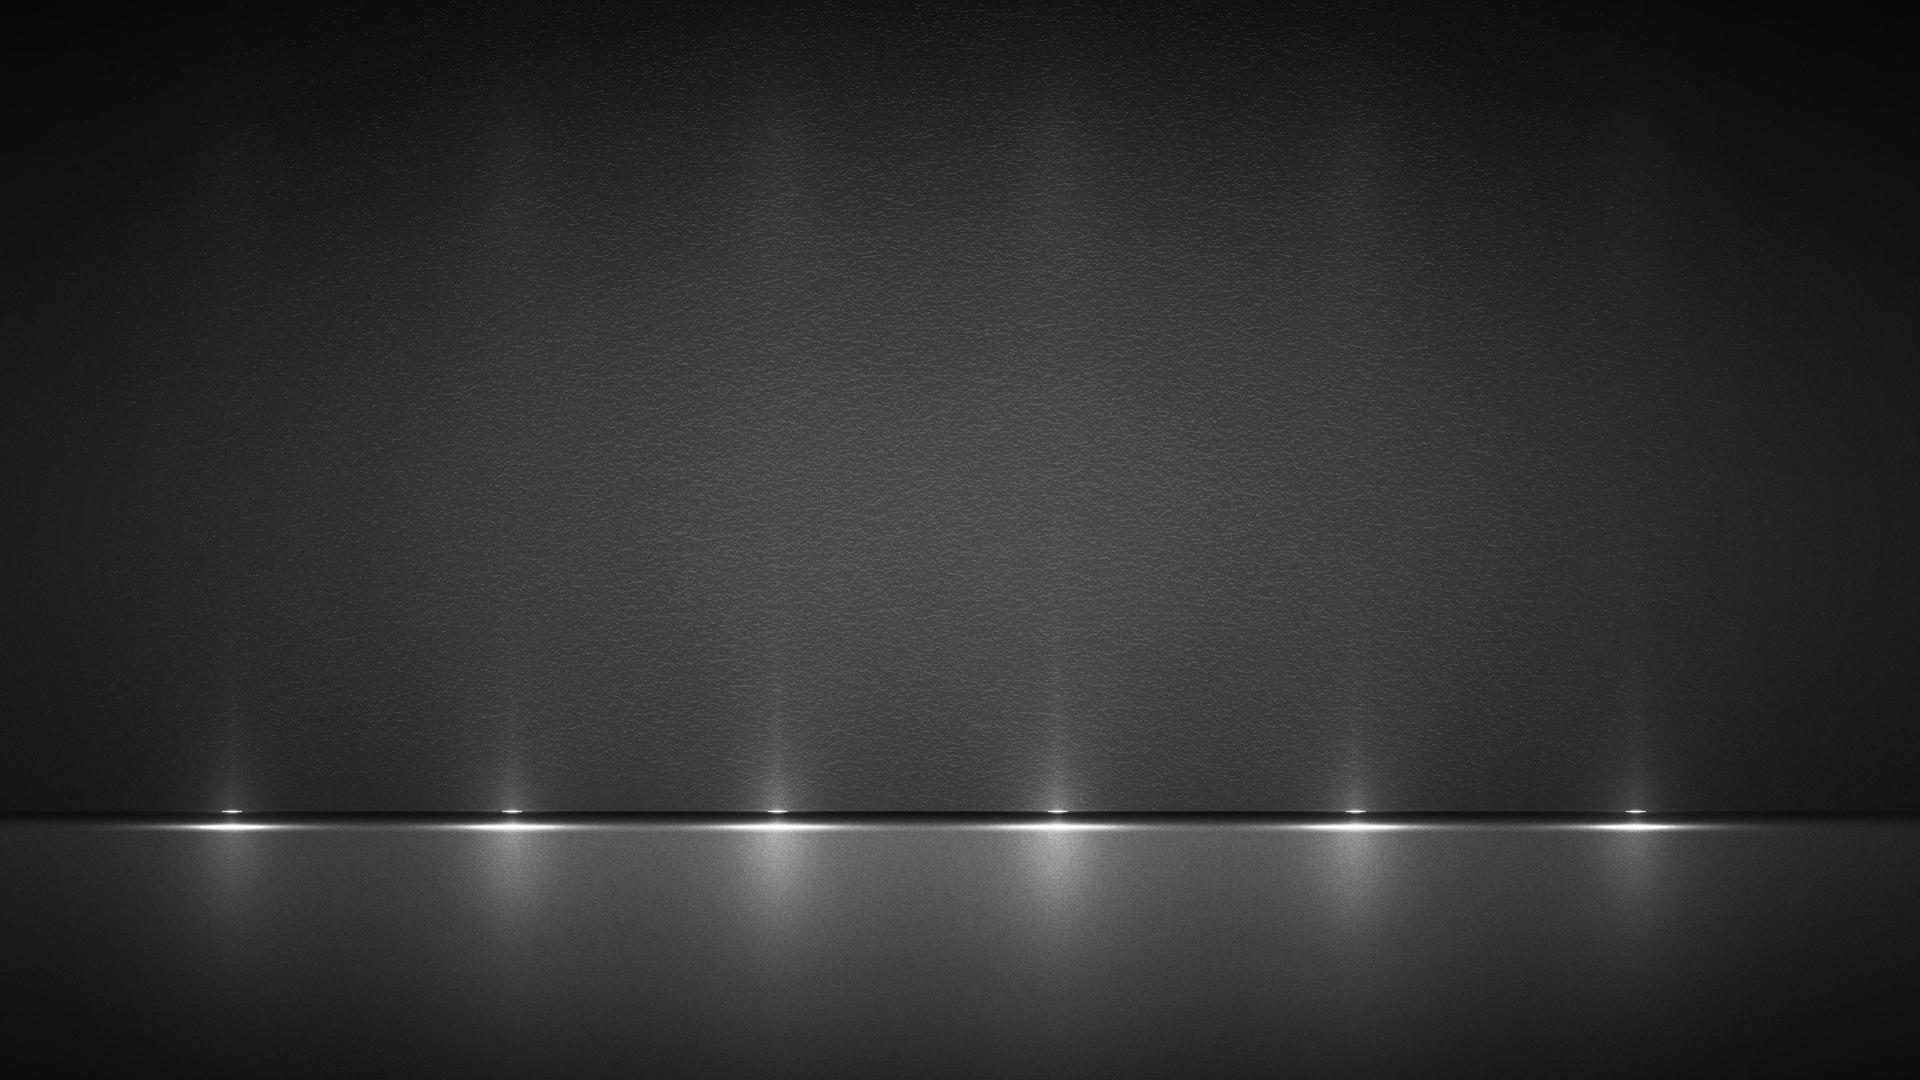 15 Elegant Grey Background Design Images